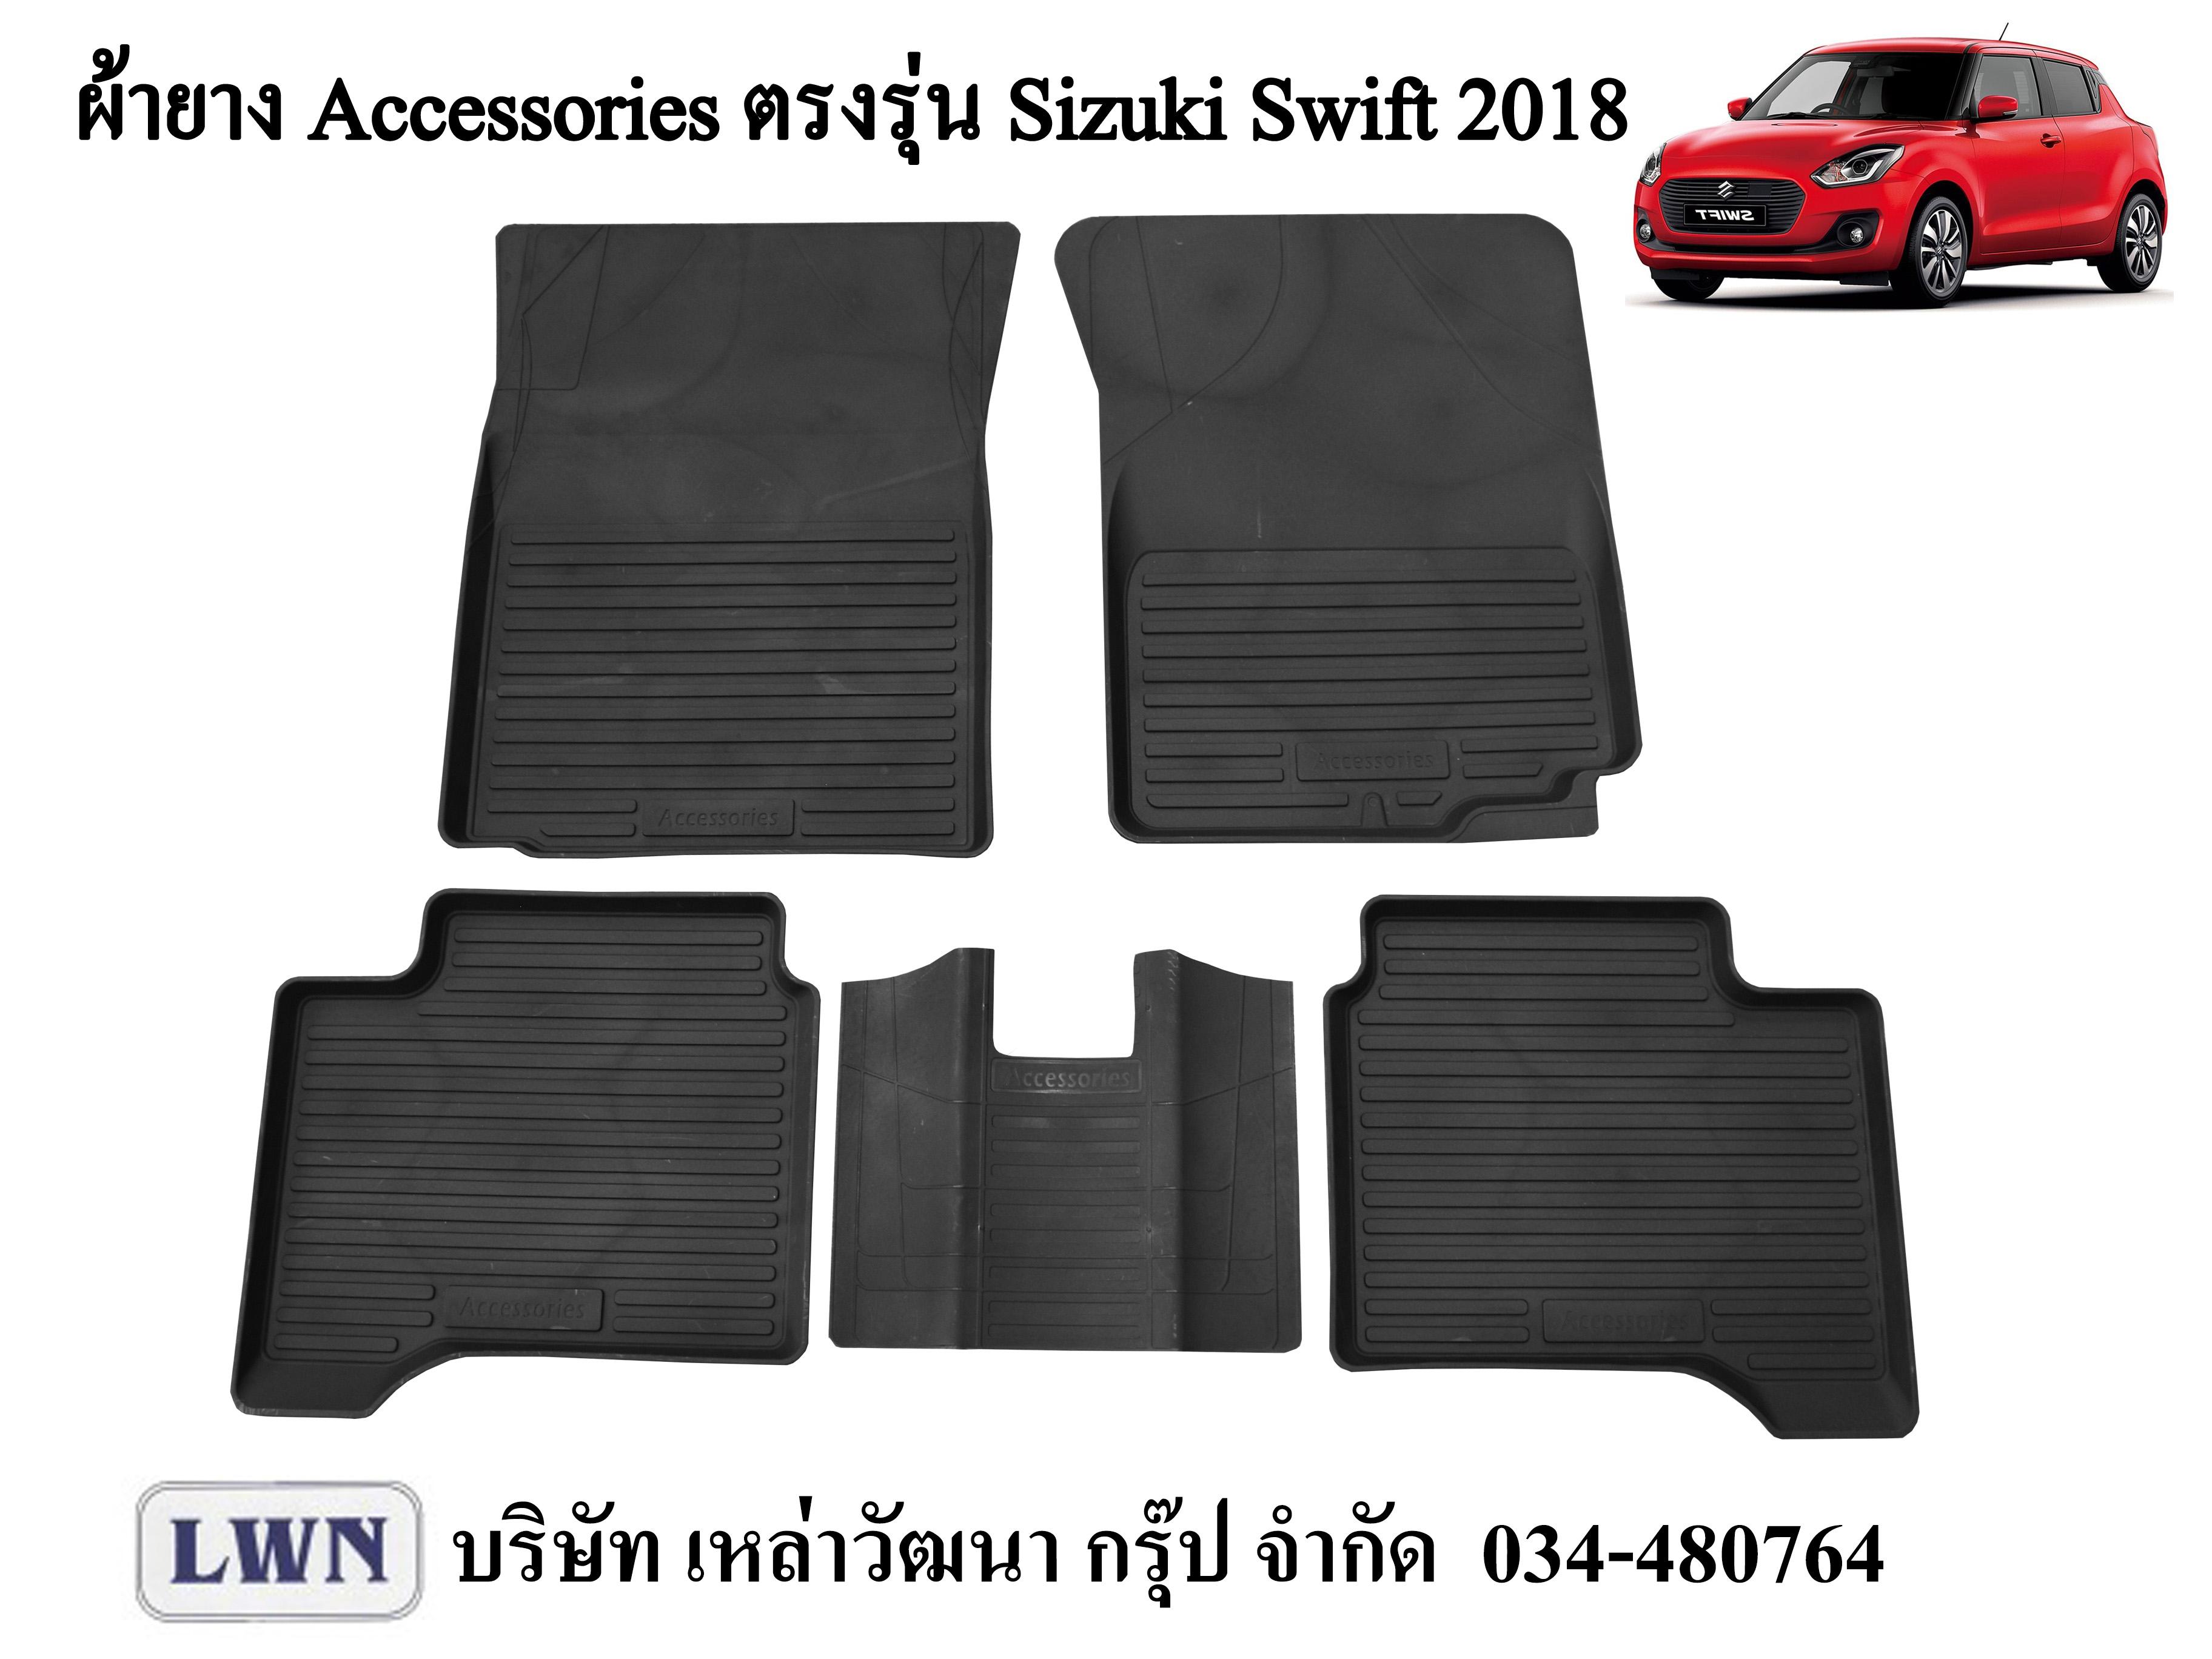 ผ้ายางปูพื้น Suzuki Swift 2018